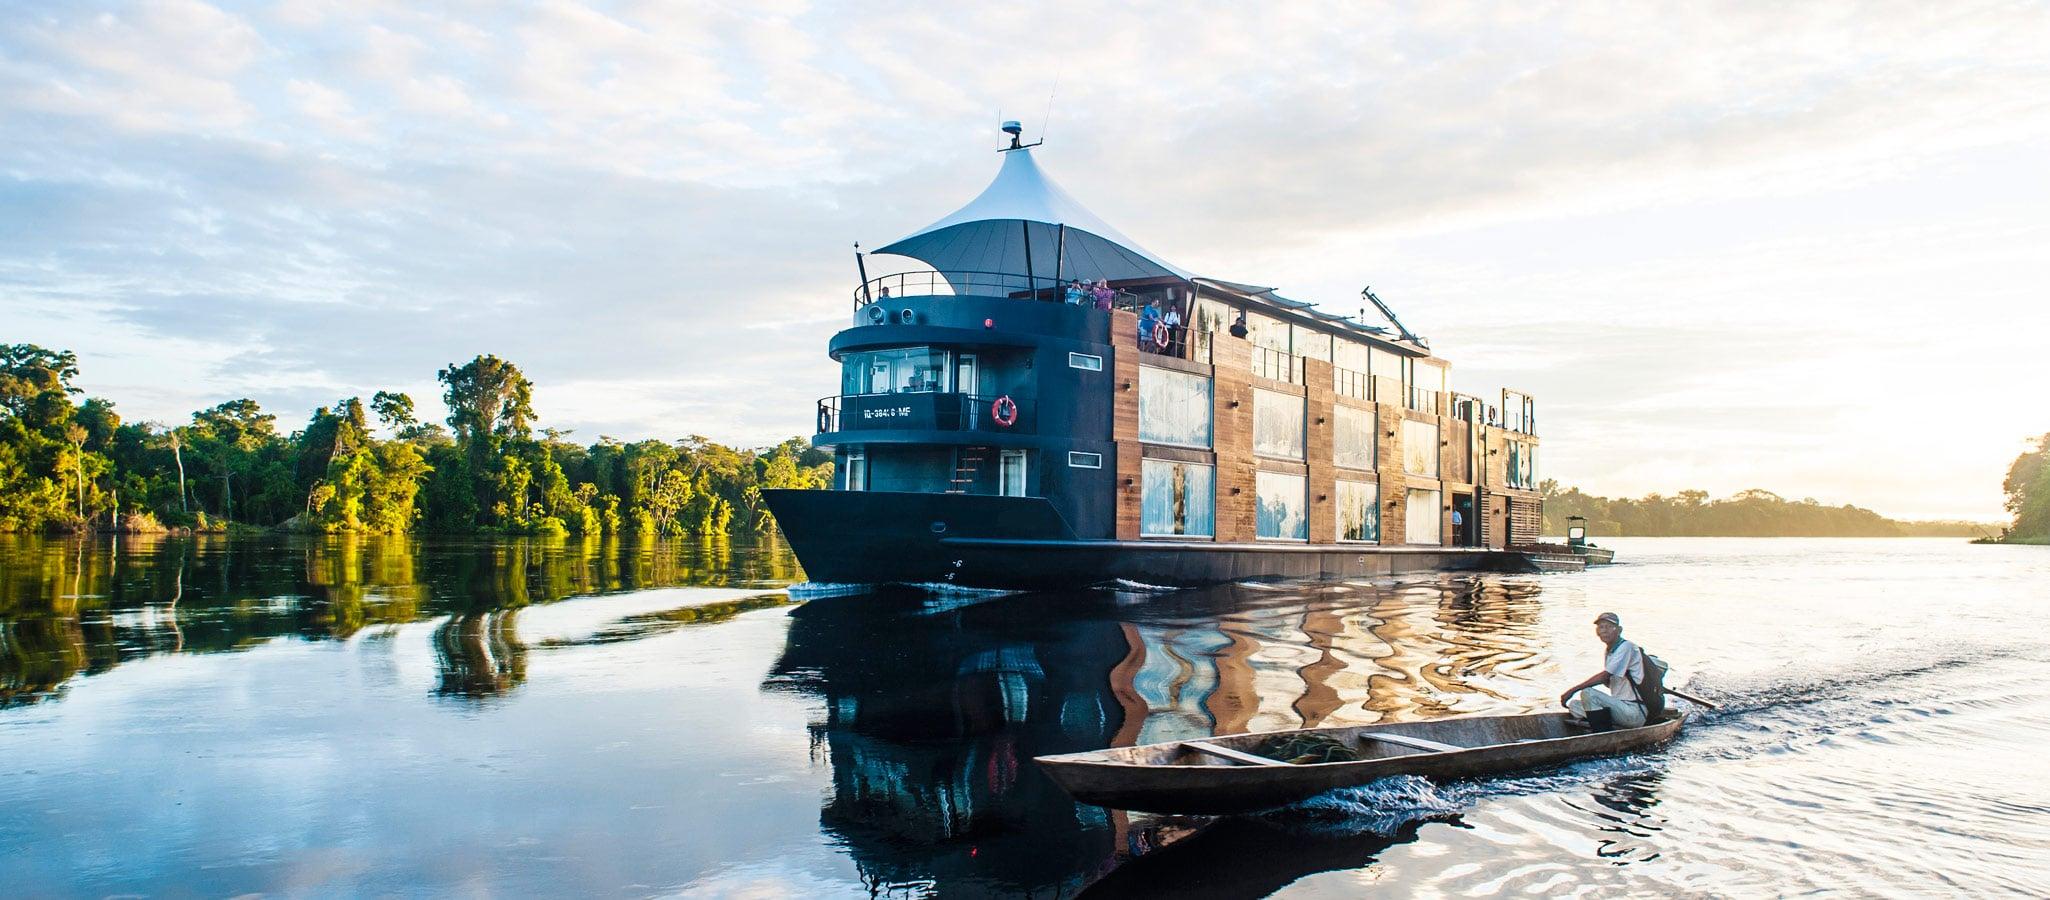 Ein besonderes Incentive-Erlebnis ist die Flusskreuzfahrt auf dem Mekong.